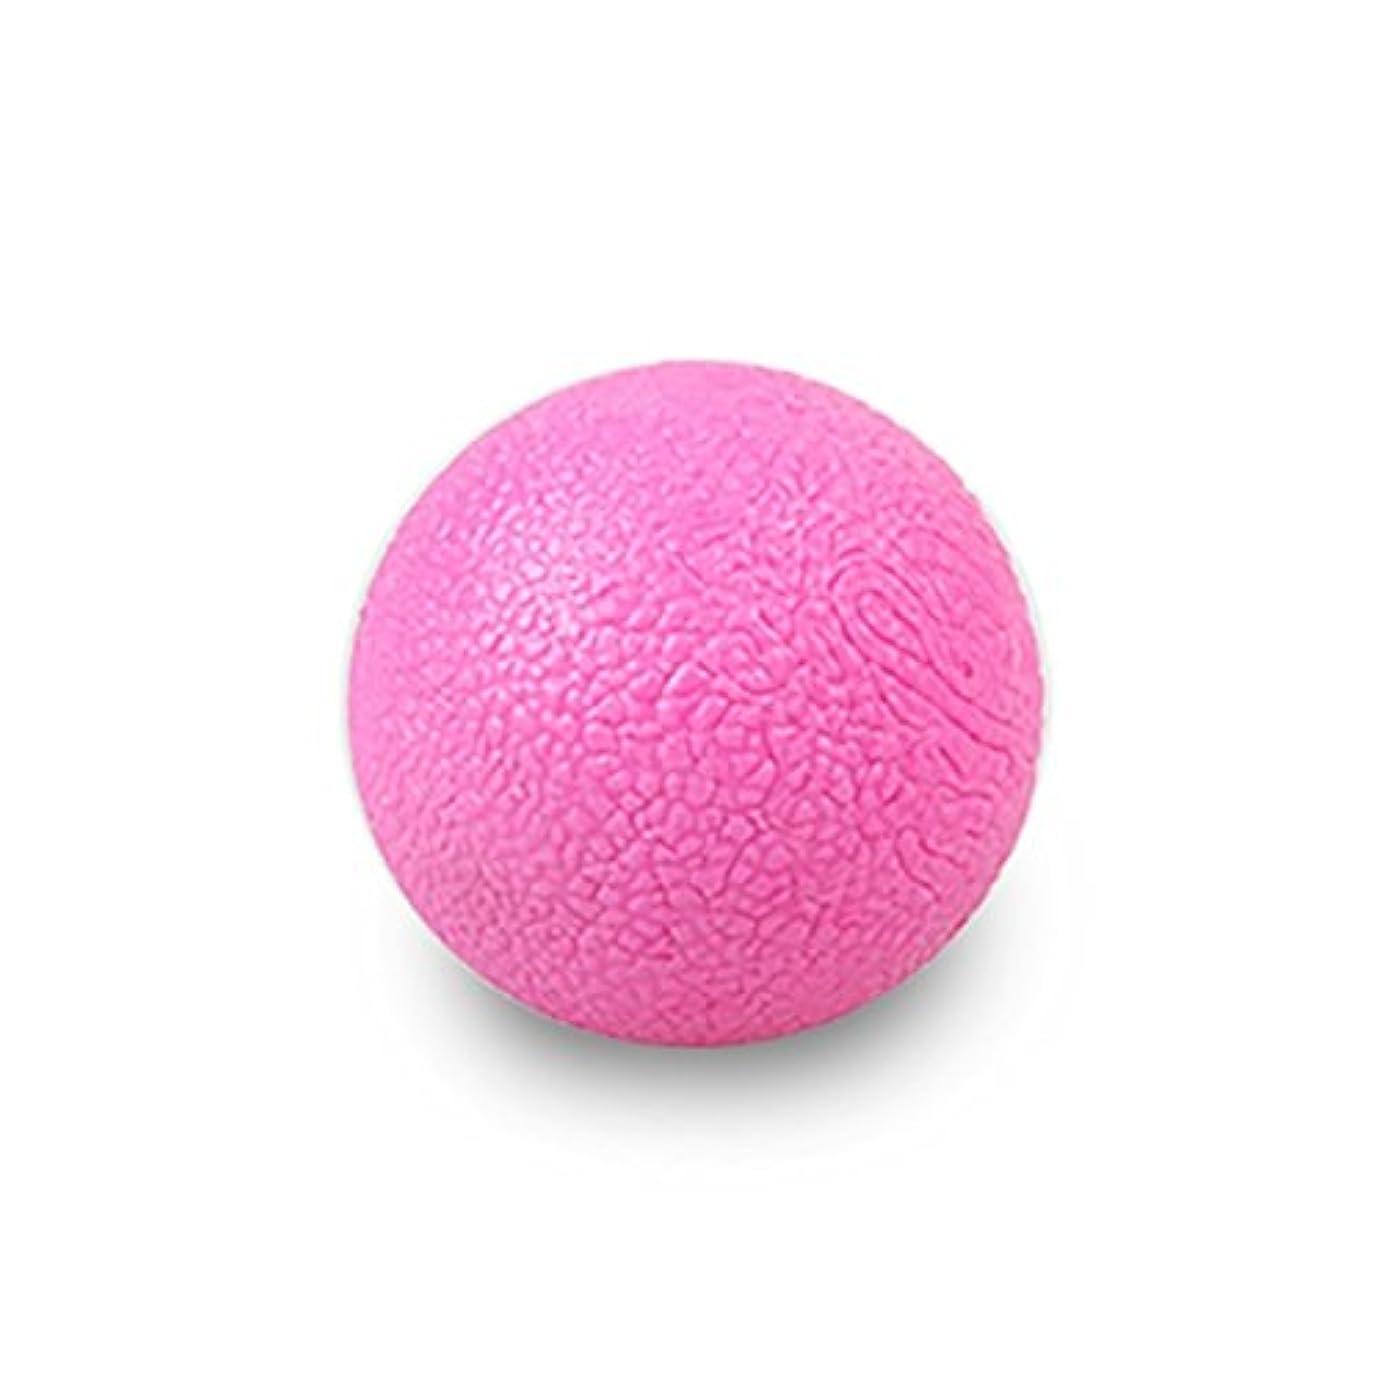 SHAPE&UP UPnShape ピーナッツ マッサージ ボール(1.8インチ)/ストレッチ、ヨガ、フィットネス リハビリテーション腰痛首 (ブルー)